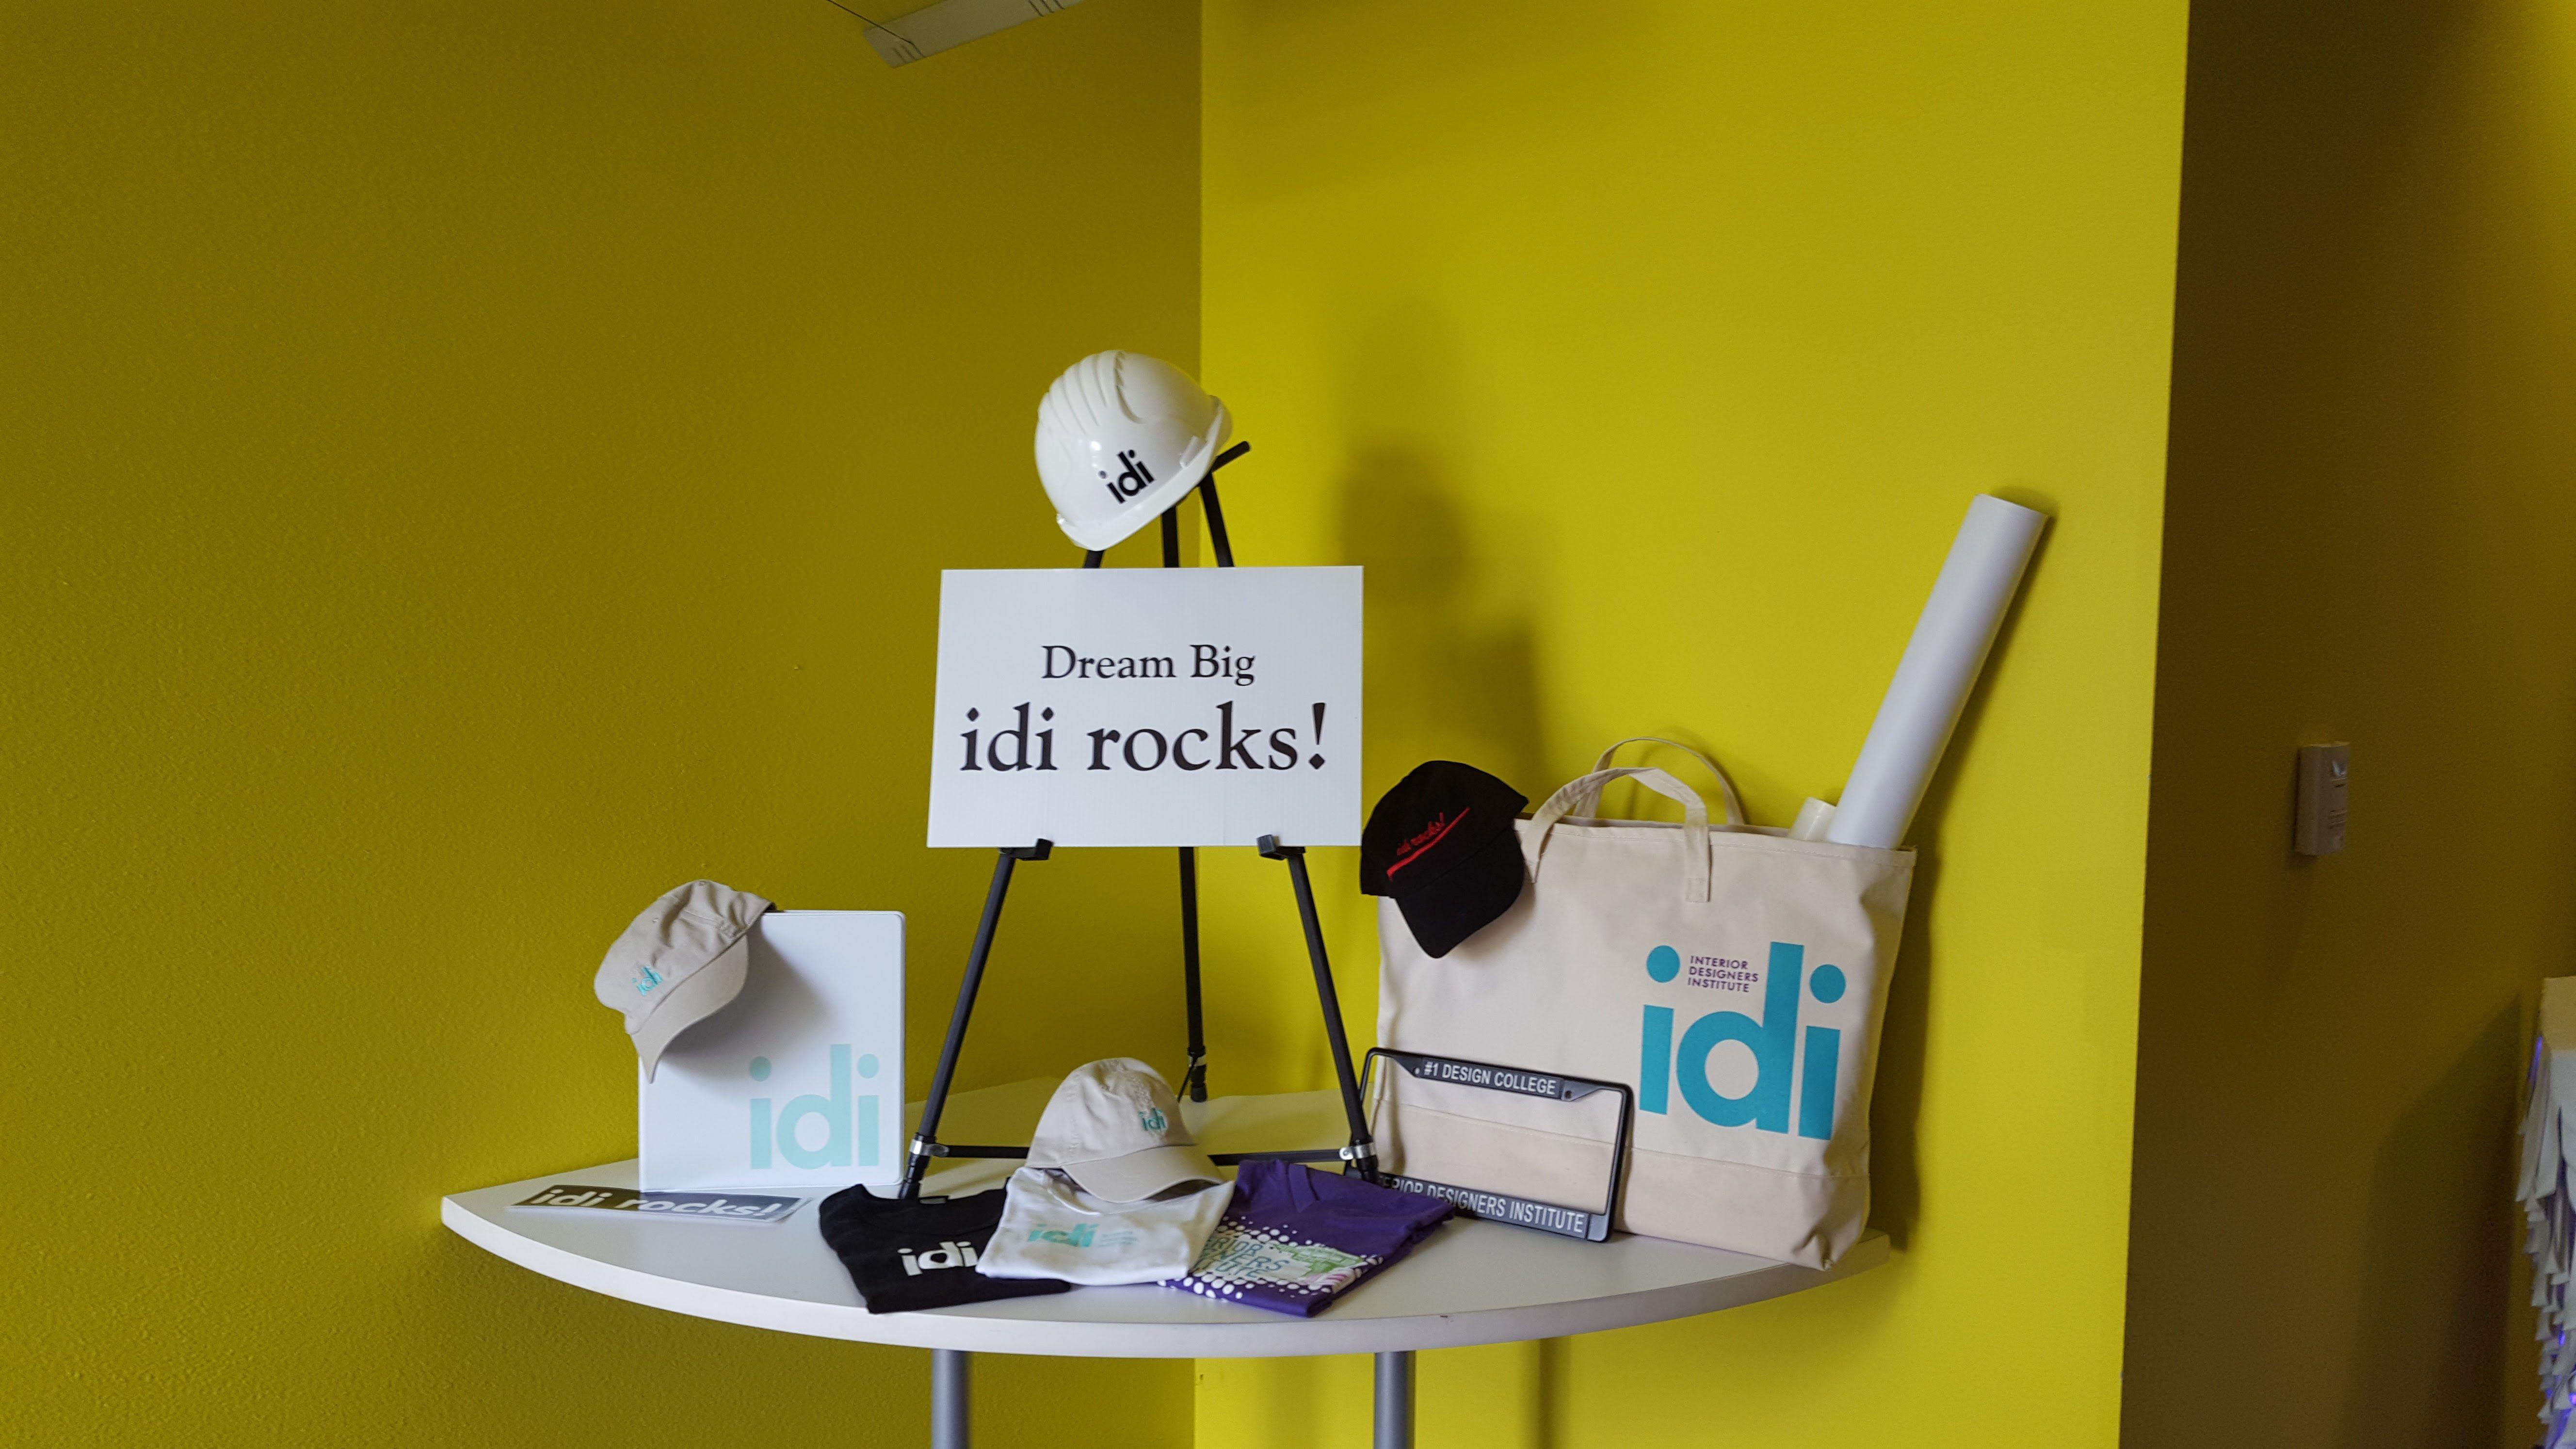 Idi Rocks Education Design Interior Interior Design School School Design